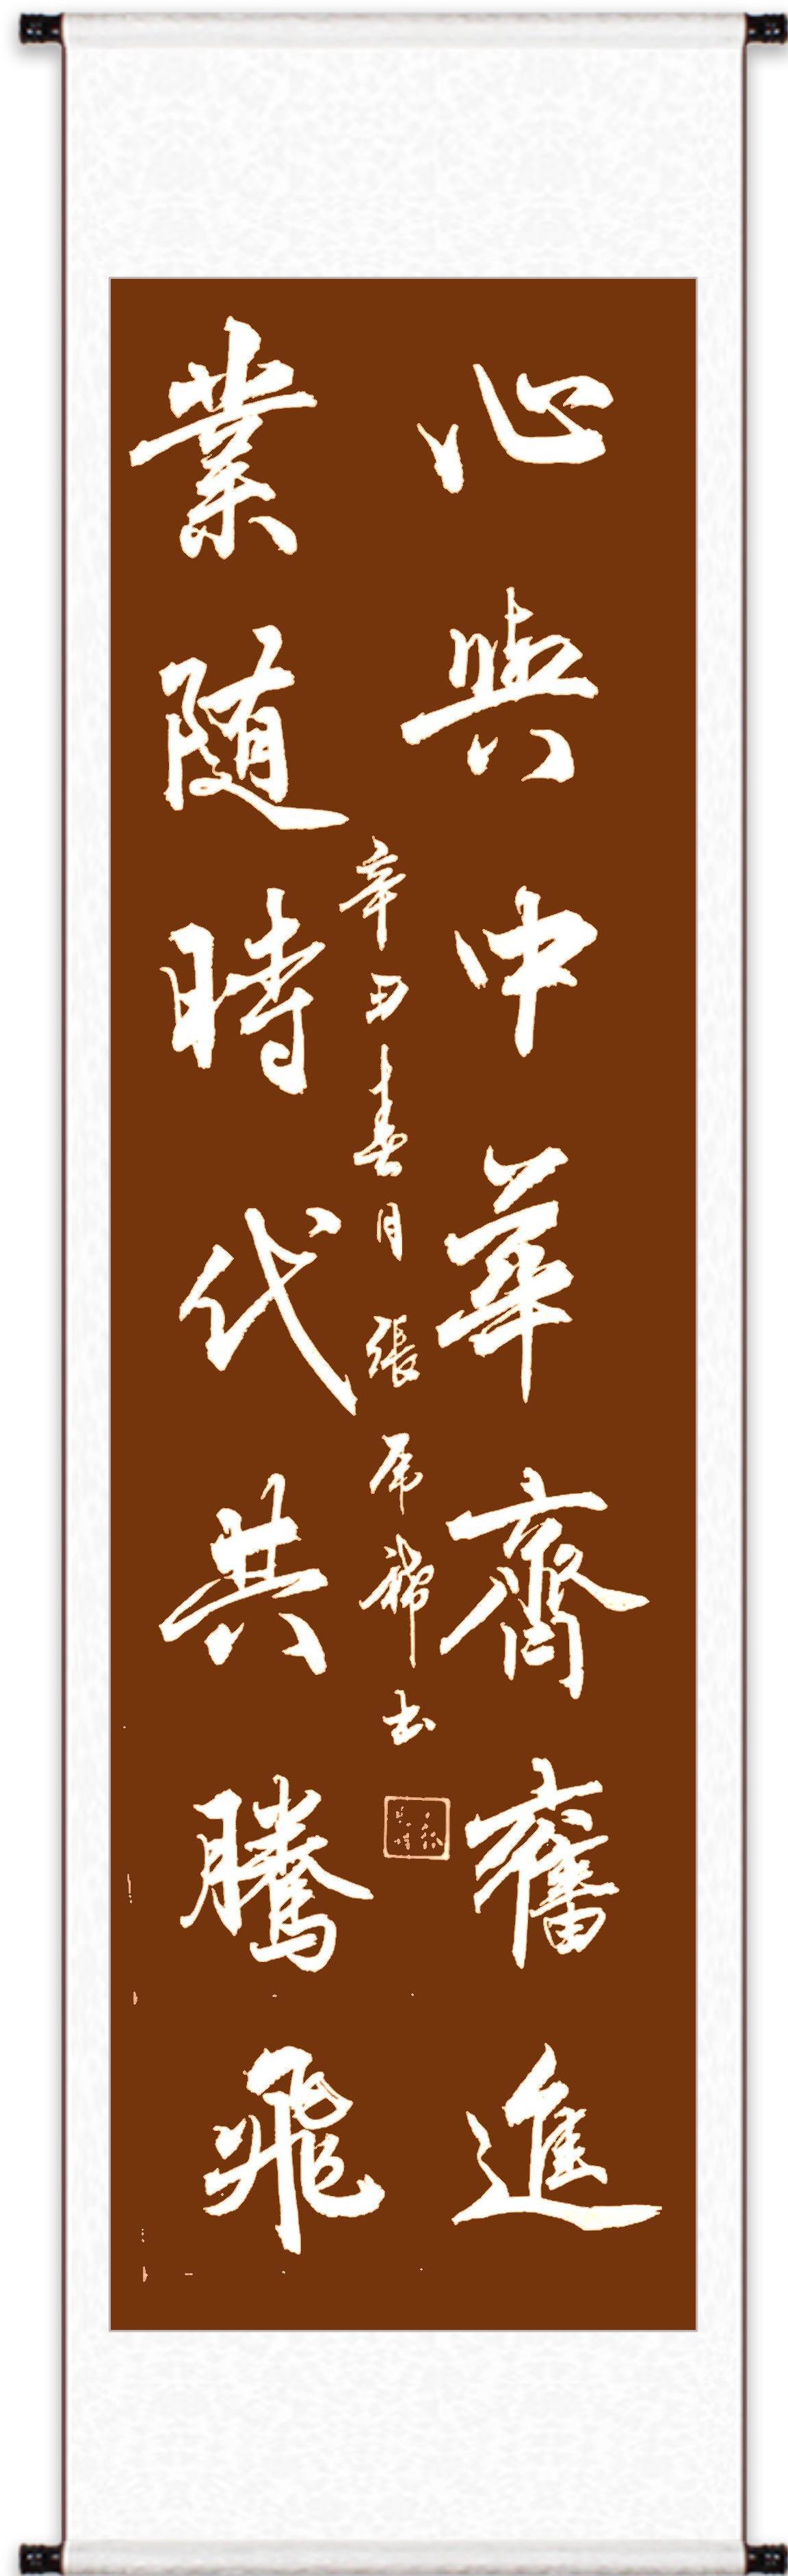 书法家张虎稀2021迎春作品展